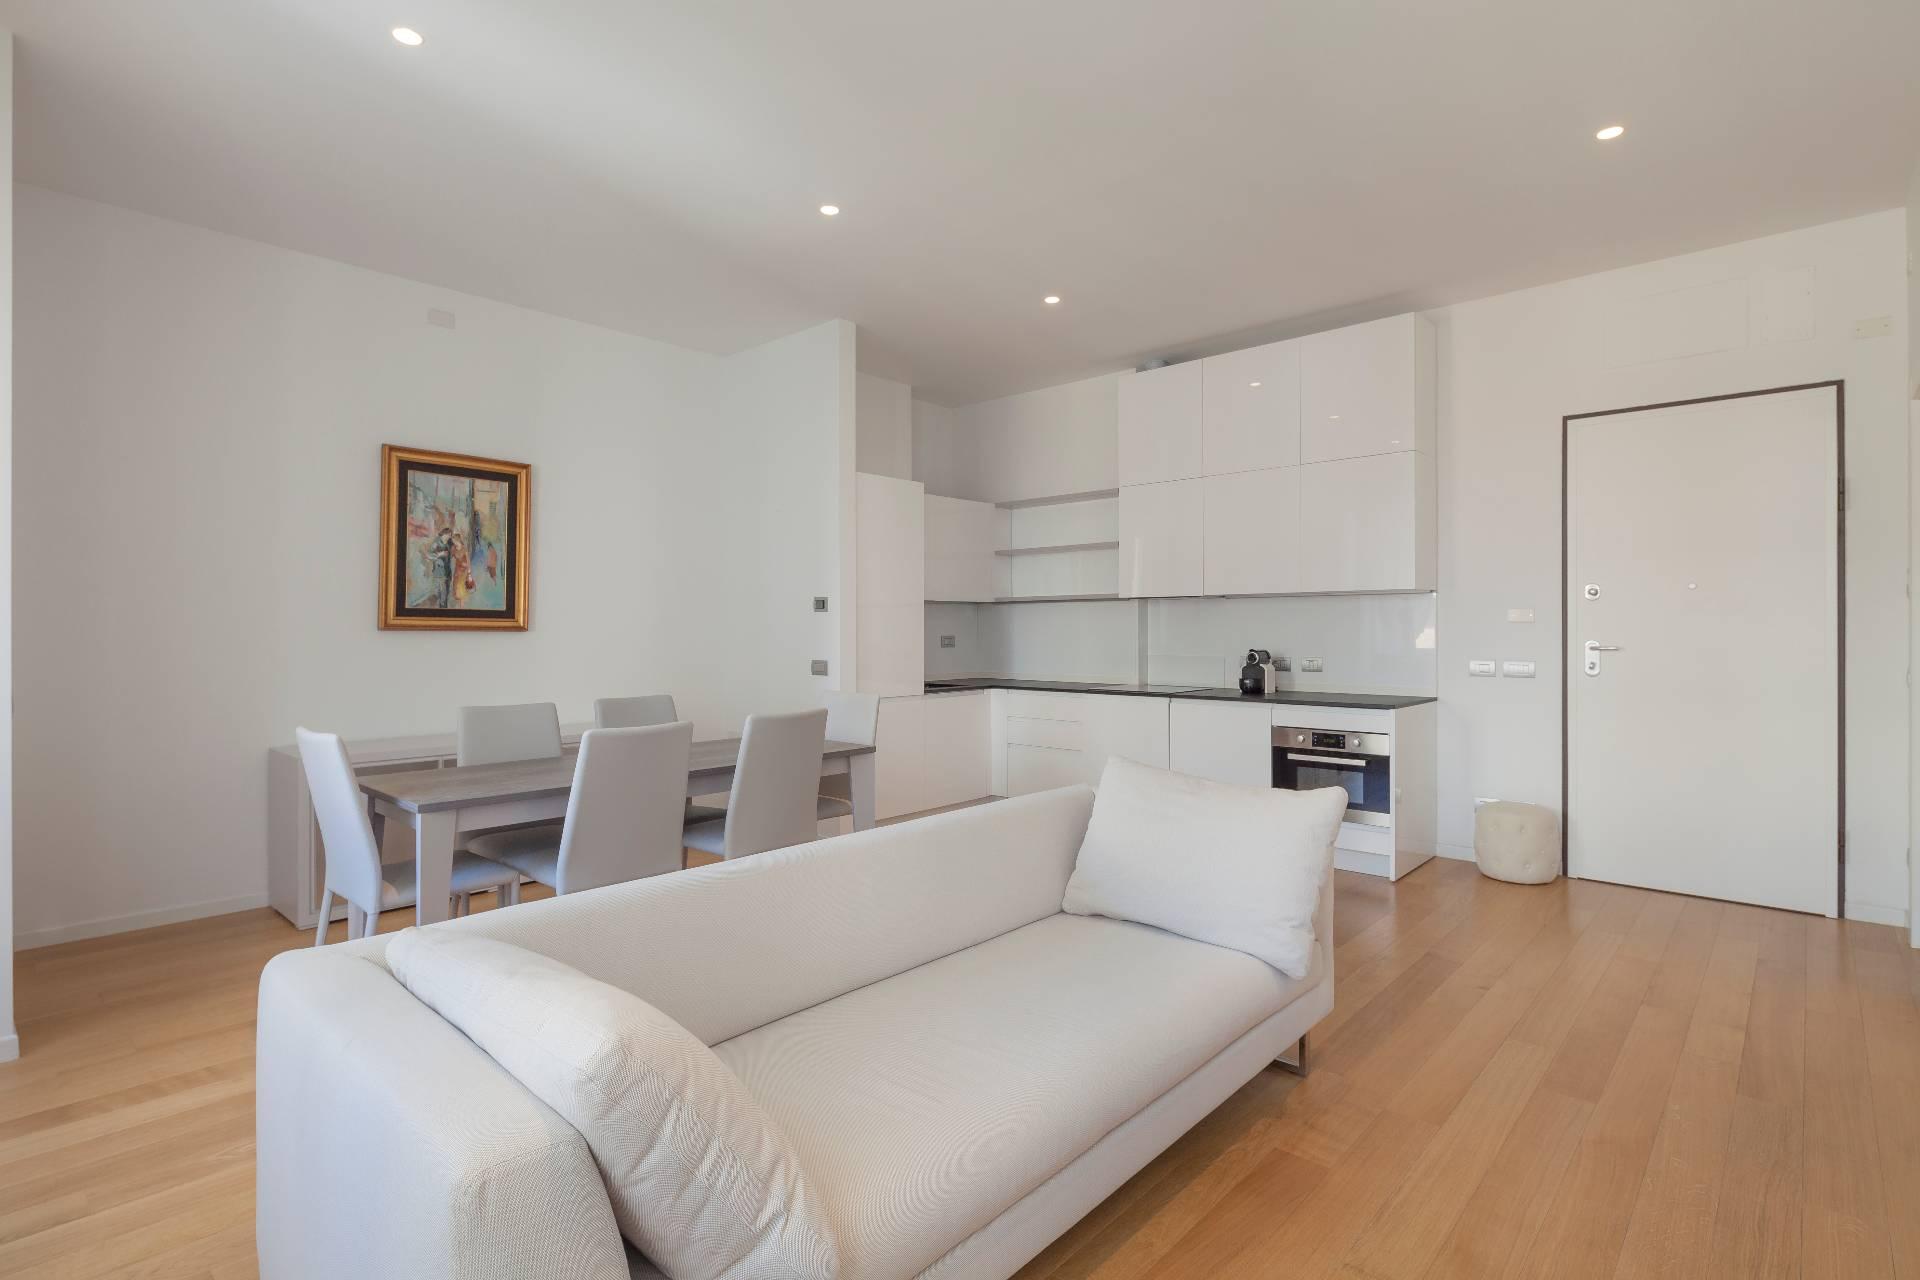 Appartamento in Vendita a Milano: 3 locali, 68 mq - Foto 3